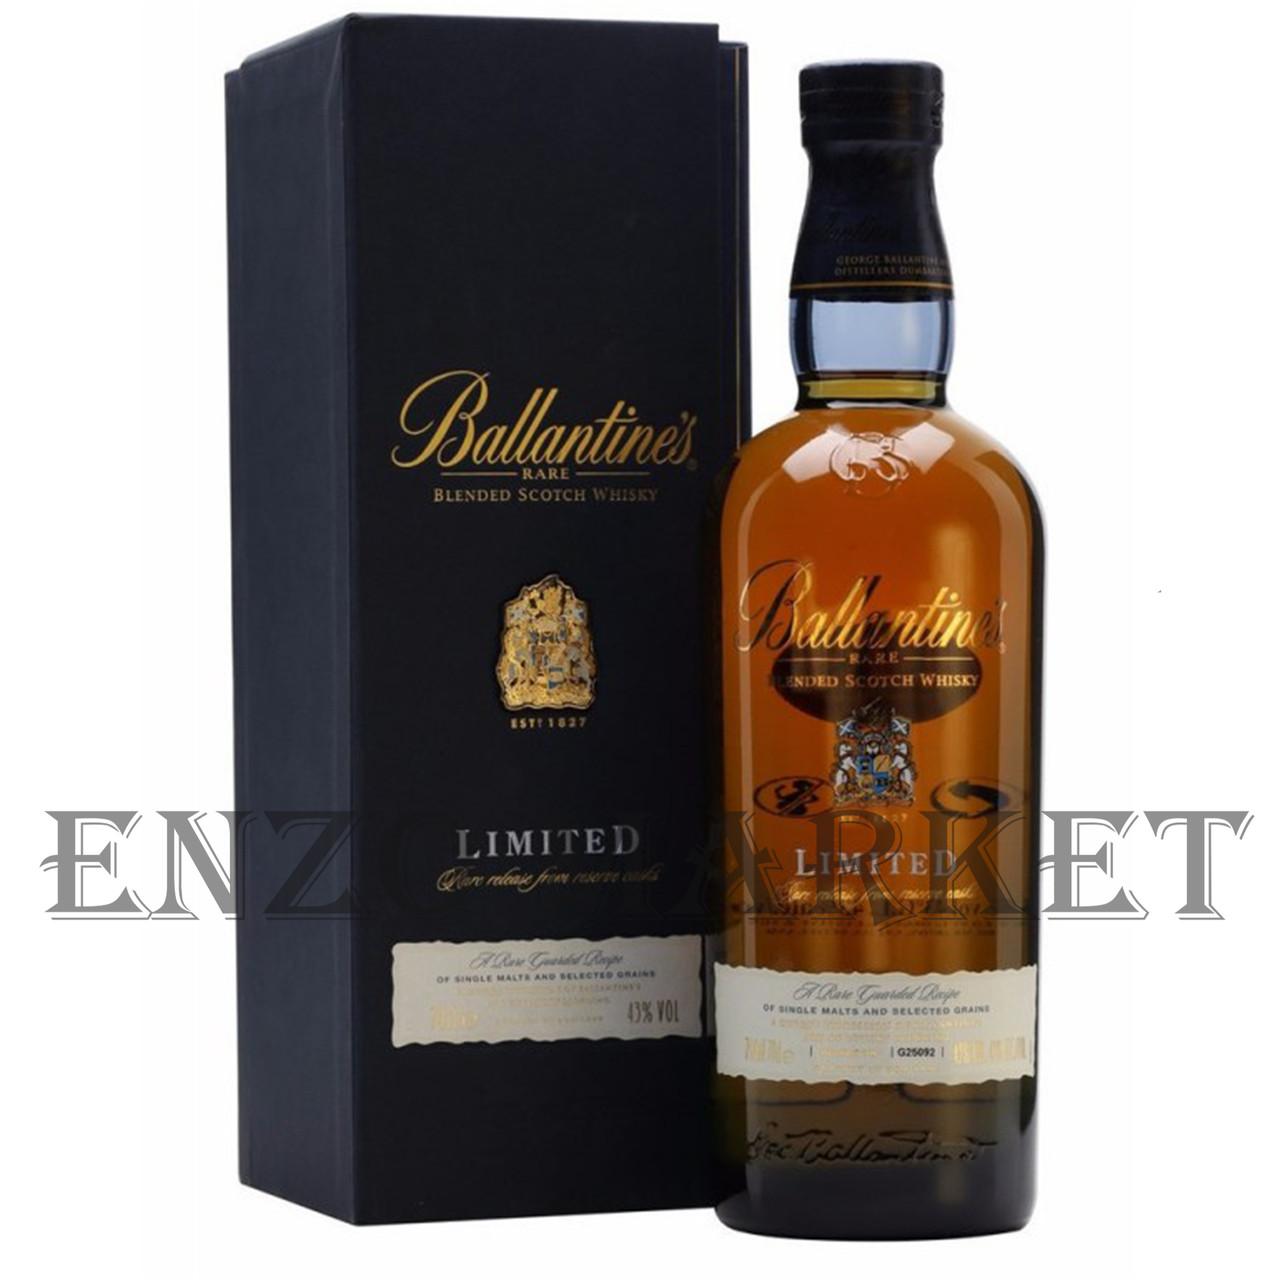 Виски Ballantines Limited (Баллантайнс Лимитед) 40%, 0,75 литр